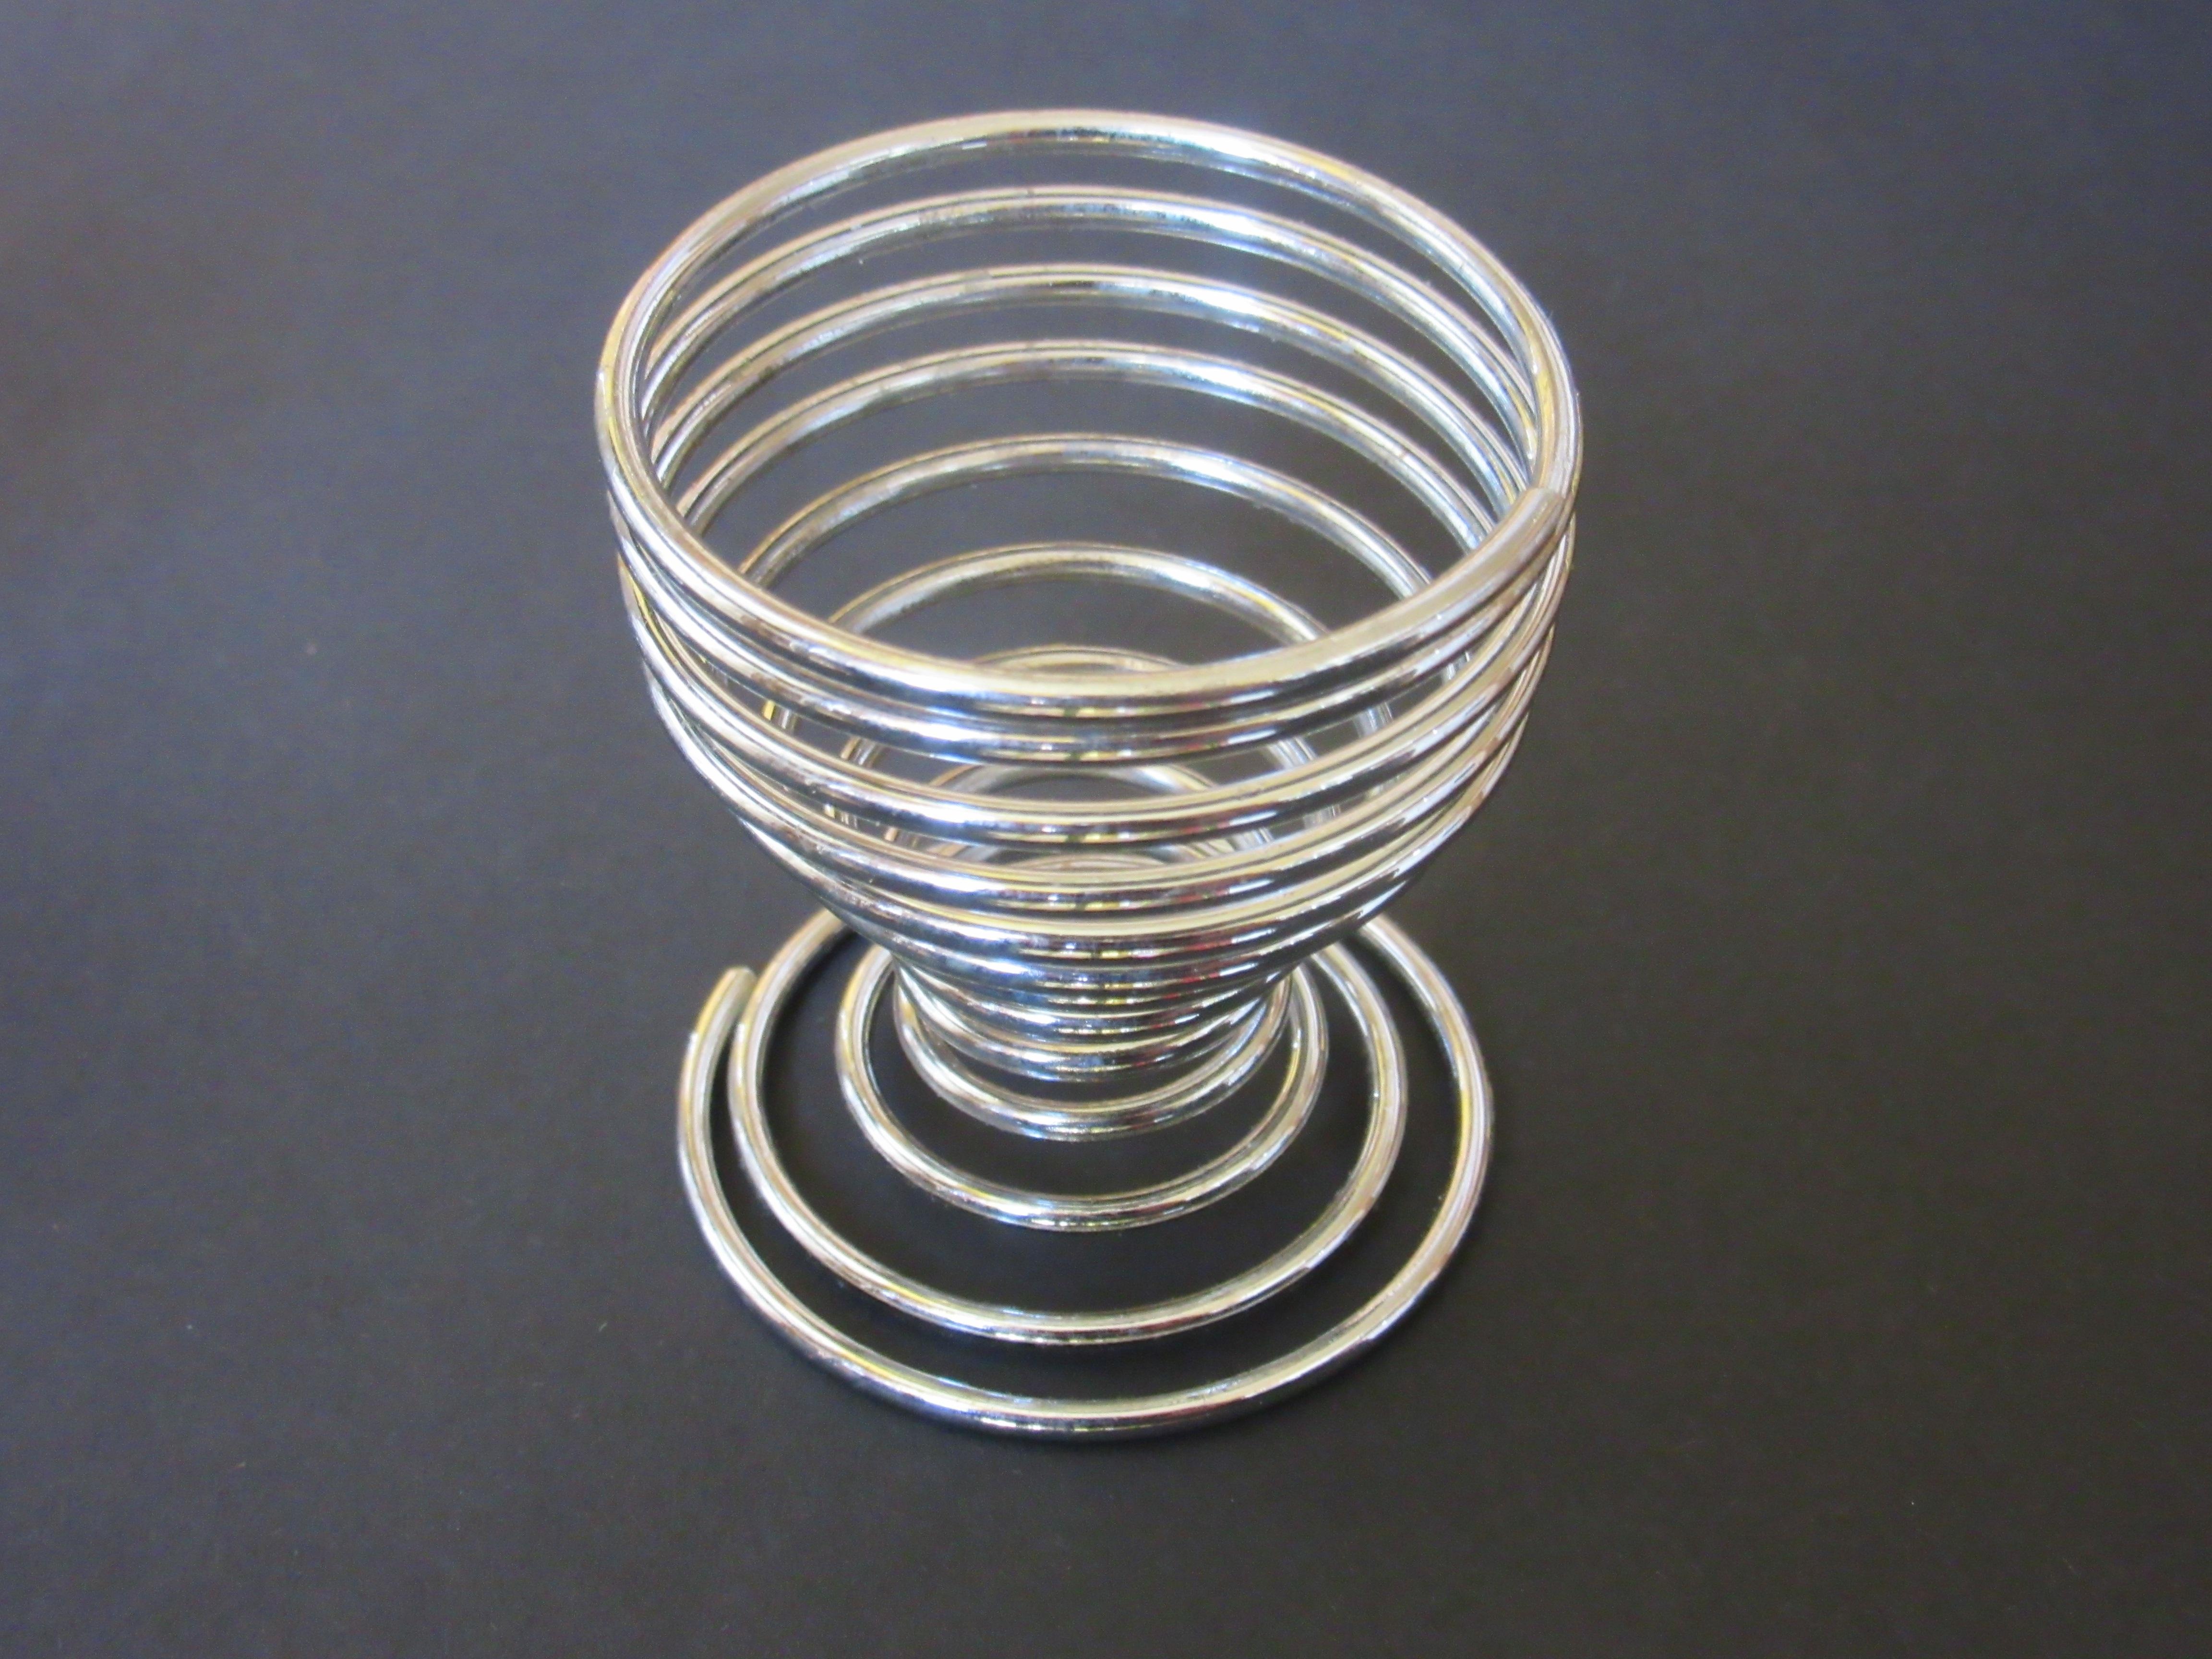 Kostenlose foto : Spiral-, Glas, Draht, Metall, Küche, Beleuchtung ...